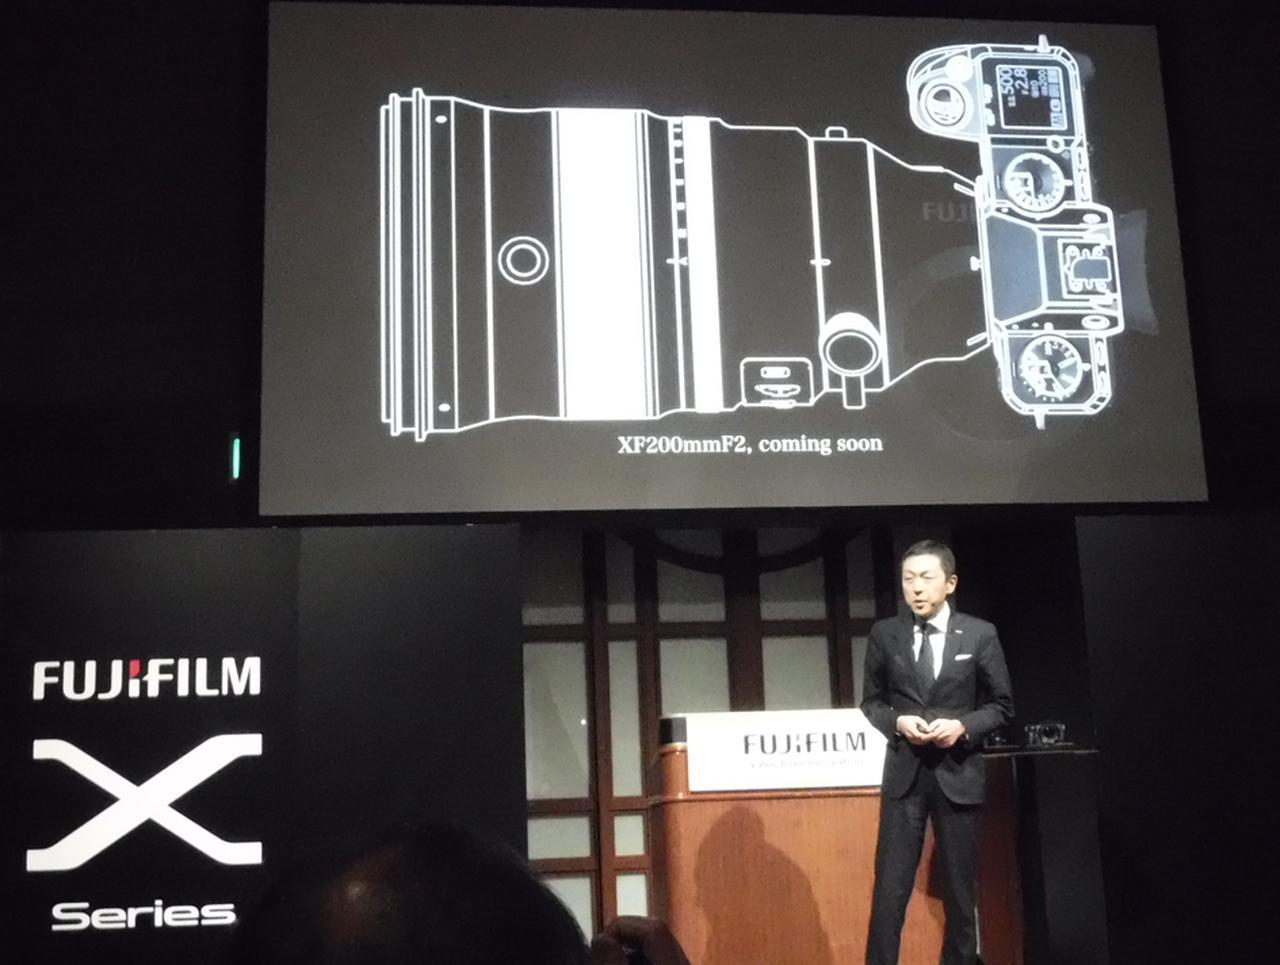 画像: 本日ANAインターコンチネンタルホテルで行われた発表会で説明する光学・電子映像事業部 事業部長の飯田年久氏。すでにロードマップで公表されているXF200mmF2の発売は秋ごろになる見込みとのこと。